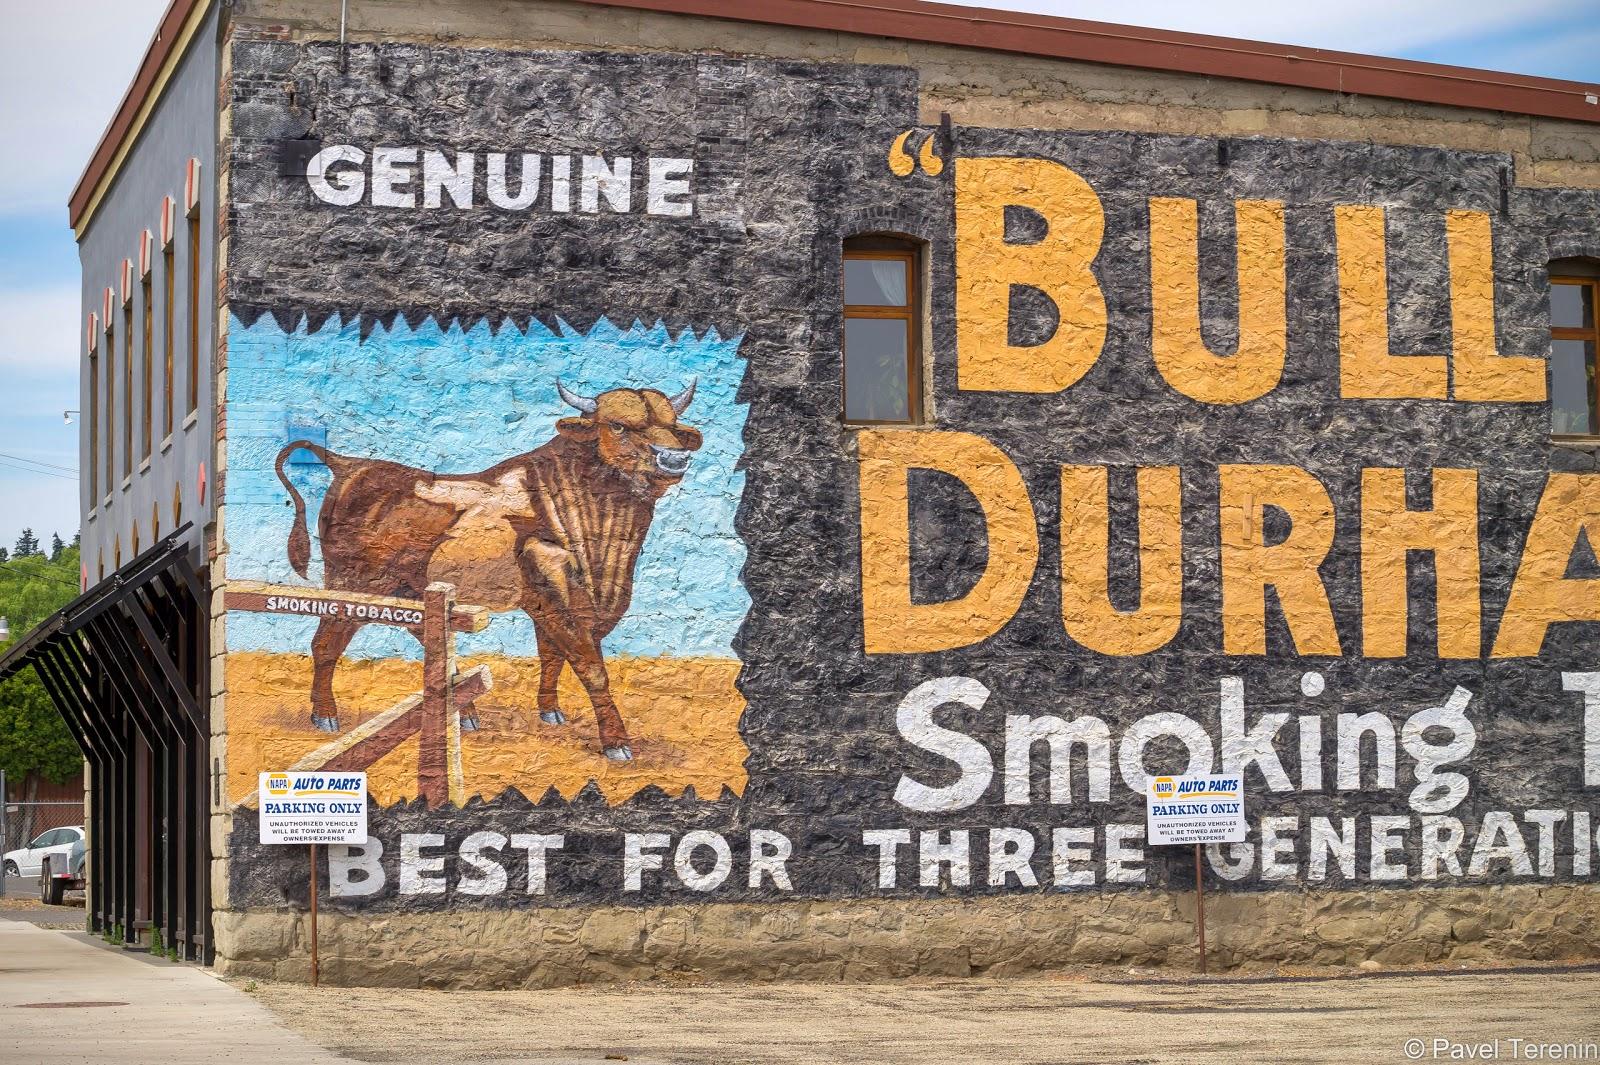 Местное уличное искусство - по совместительству реклама.